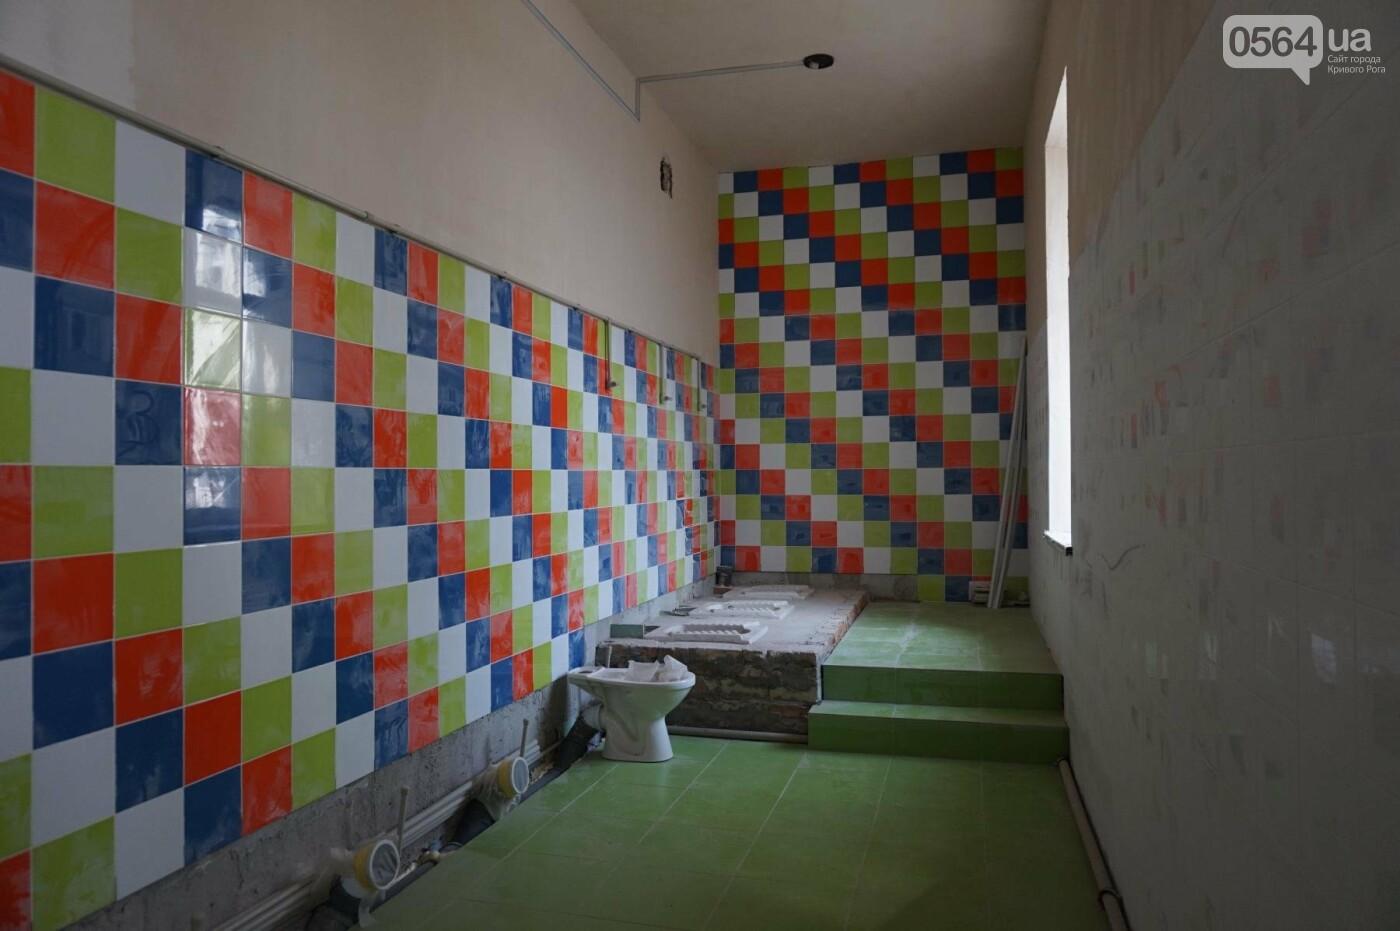 Приближаясь к Европе: Как в школах Кривого Рога внедряют инклюзию (ФОТО), фото-44